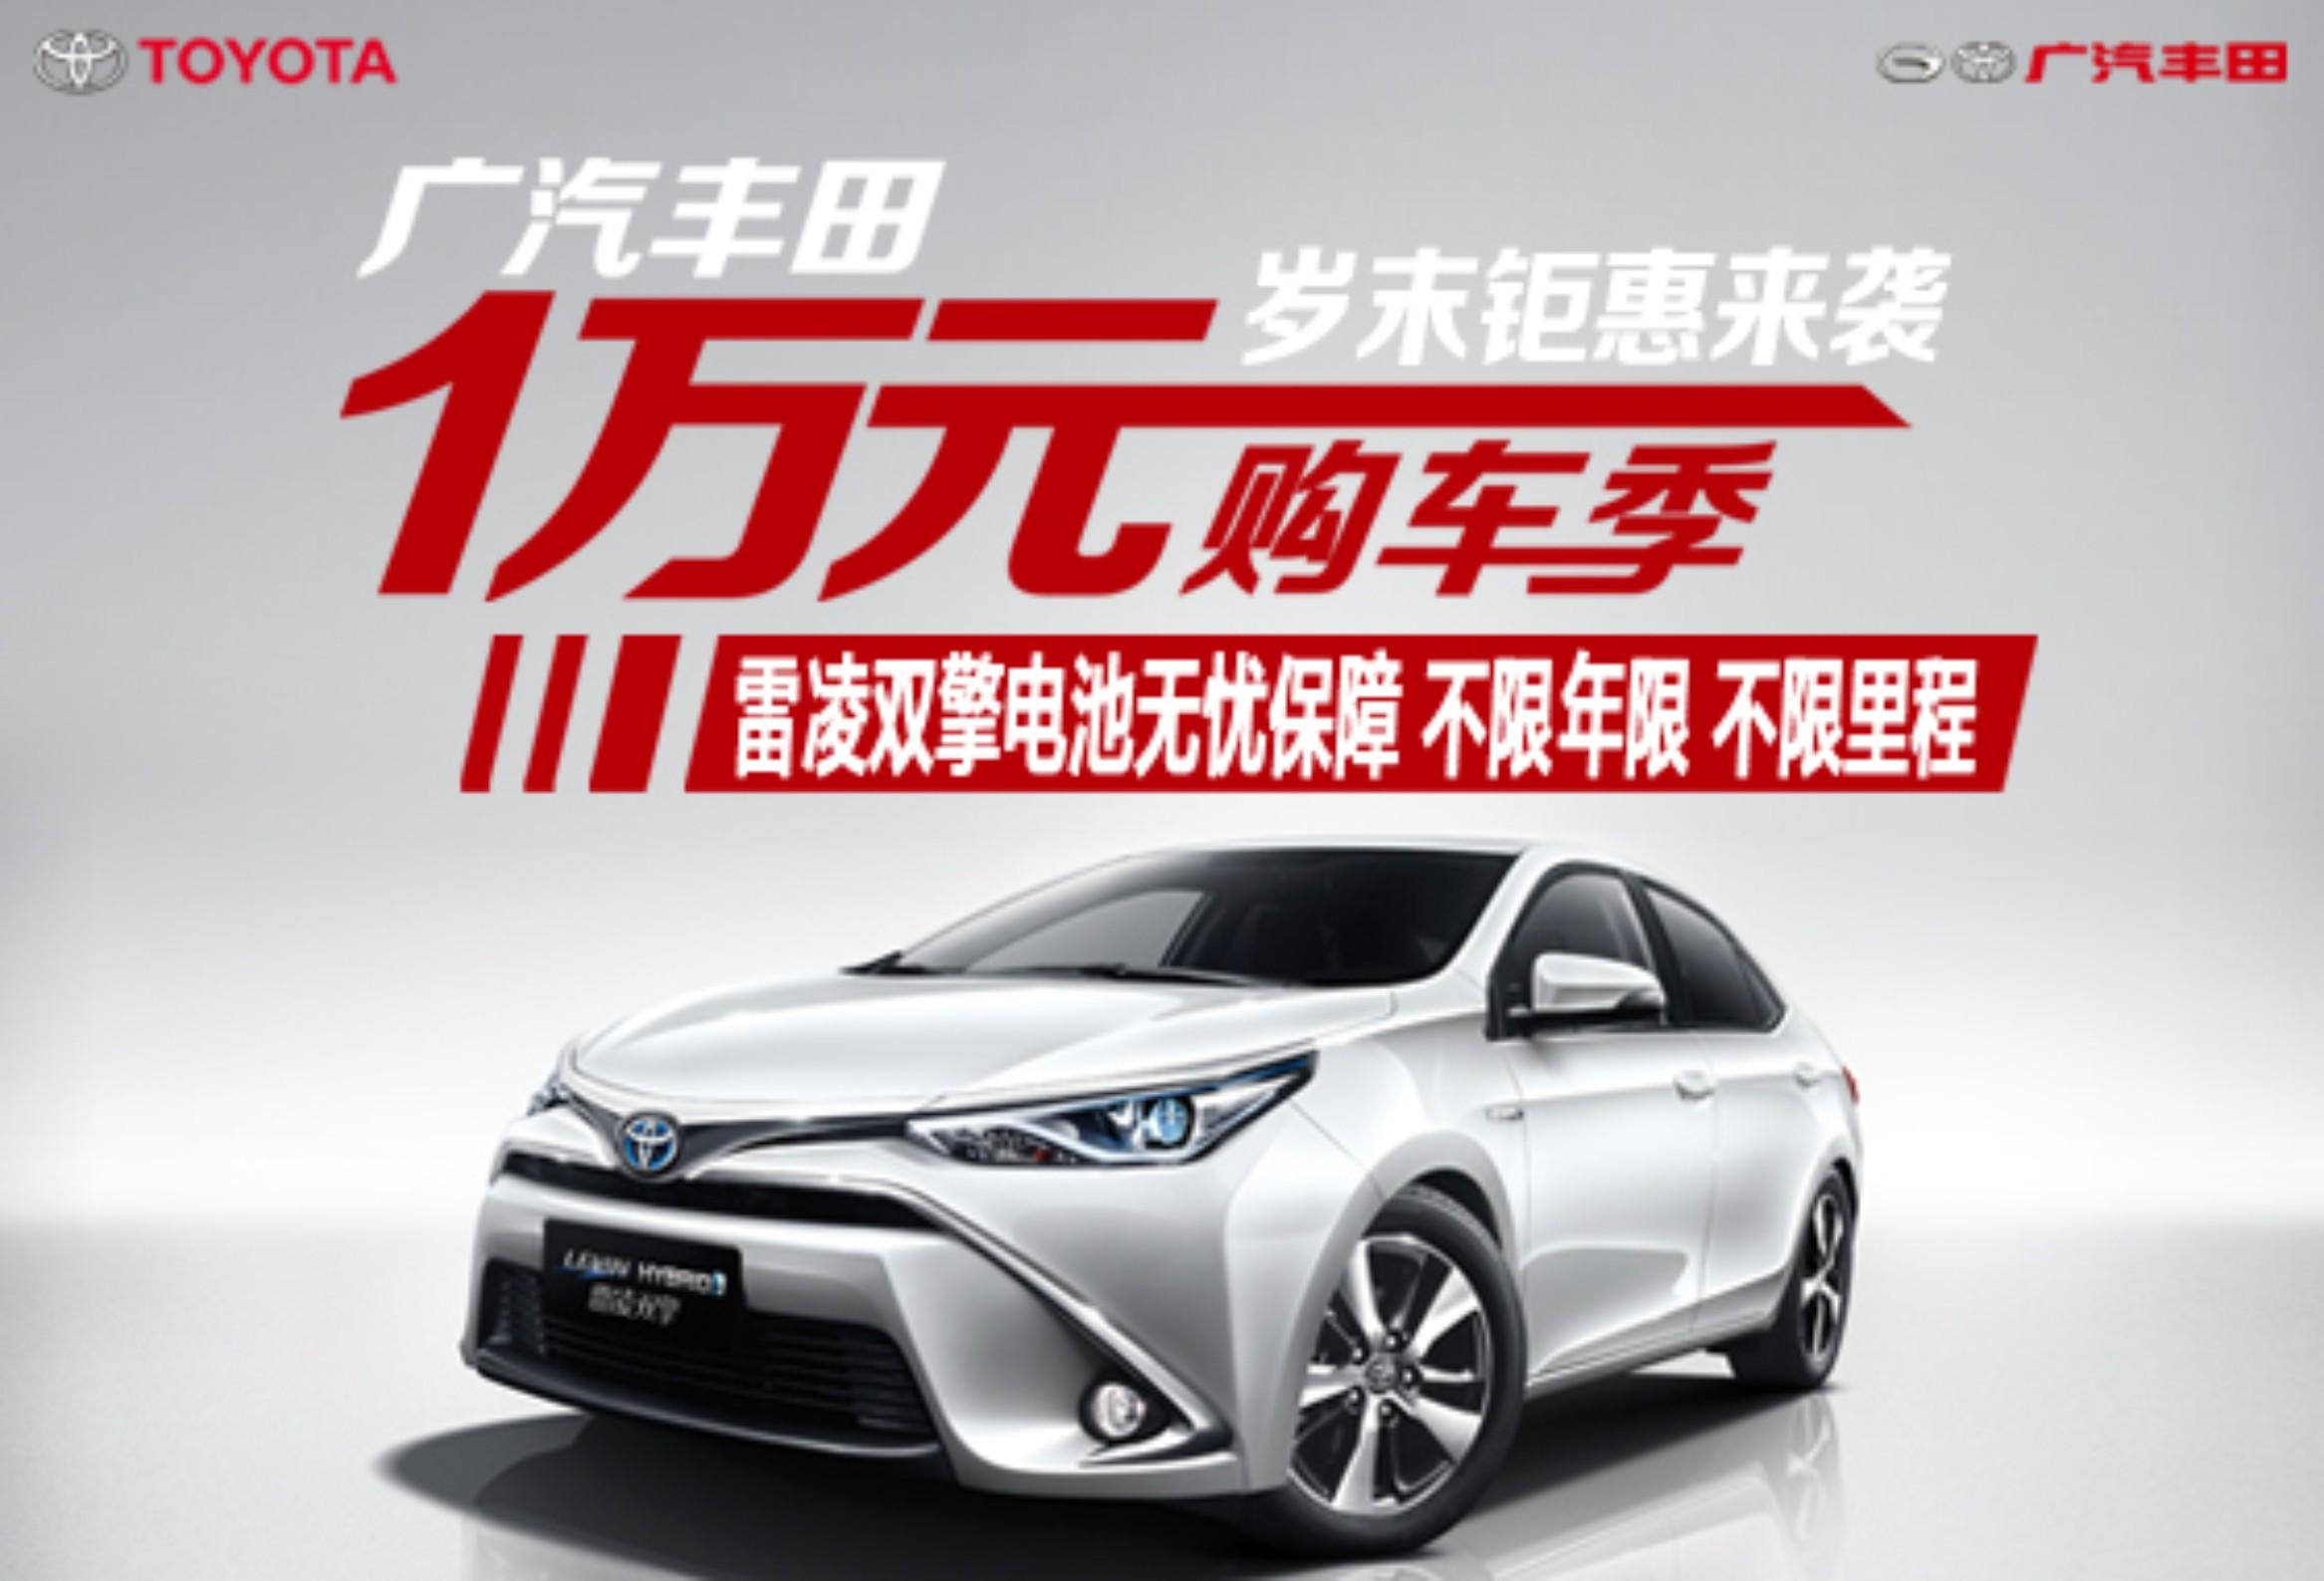 广汽丰田一万元购车季  岁末钜惠来袭——首付3成24/48期超低利息,首付5成12期0利息